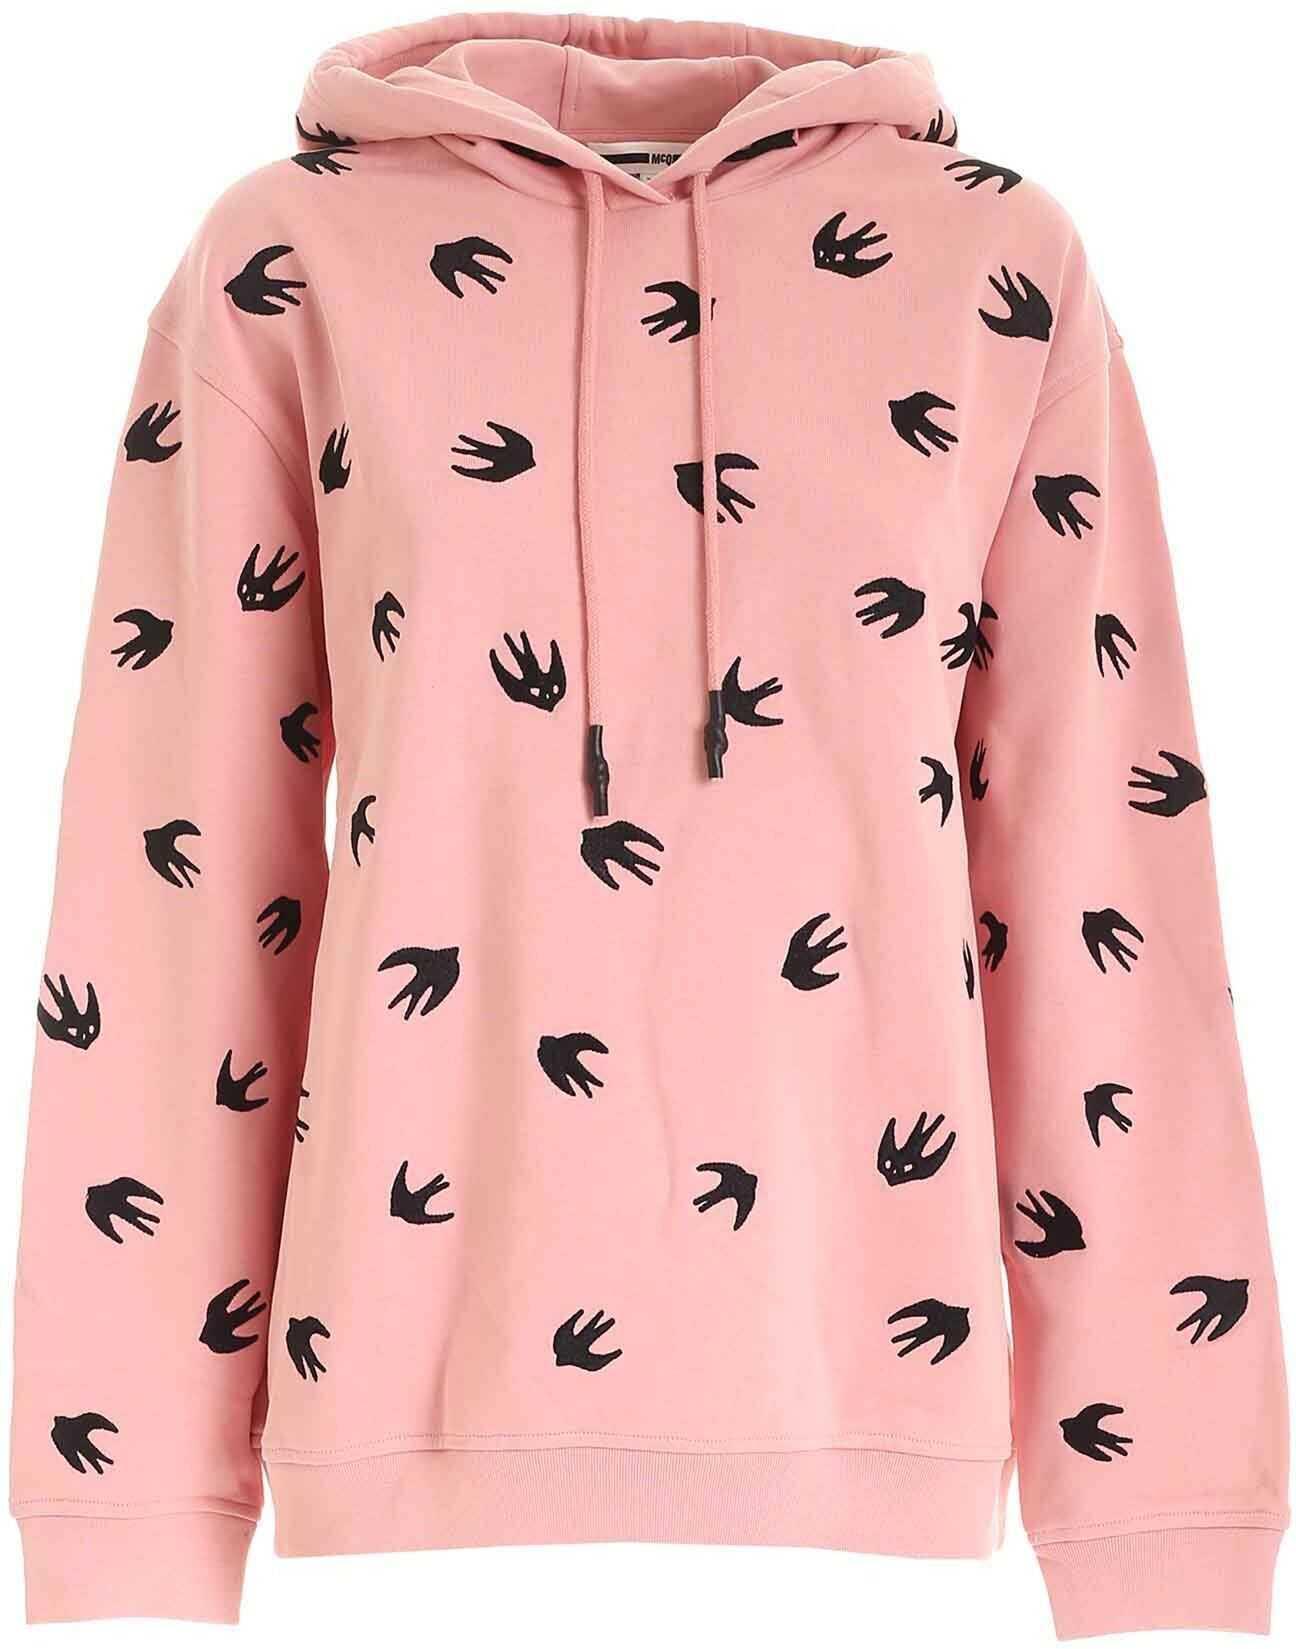 MCQ Alexander McQueen Swallow Embroidery Sweatshirt In Pink Pink